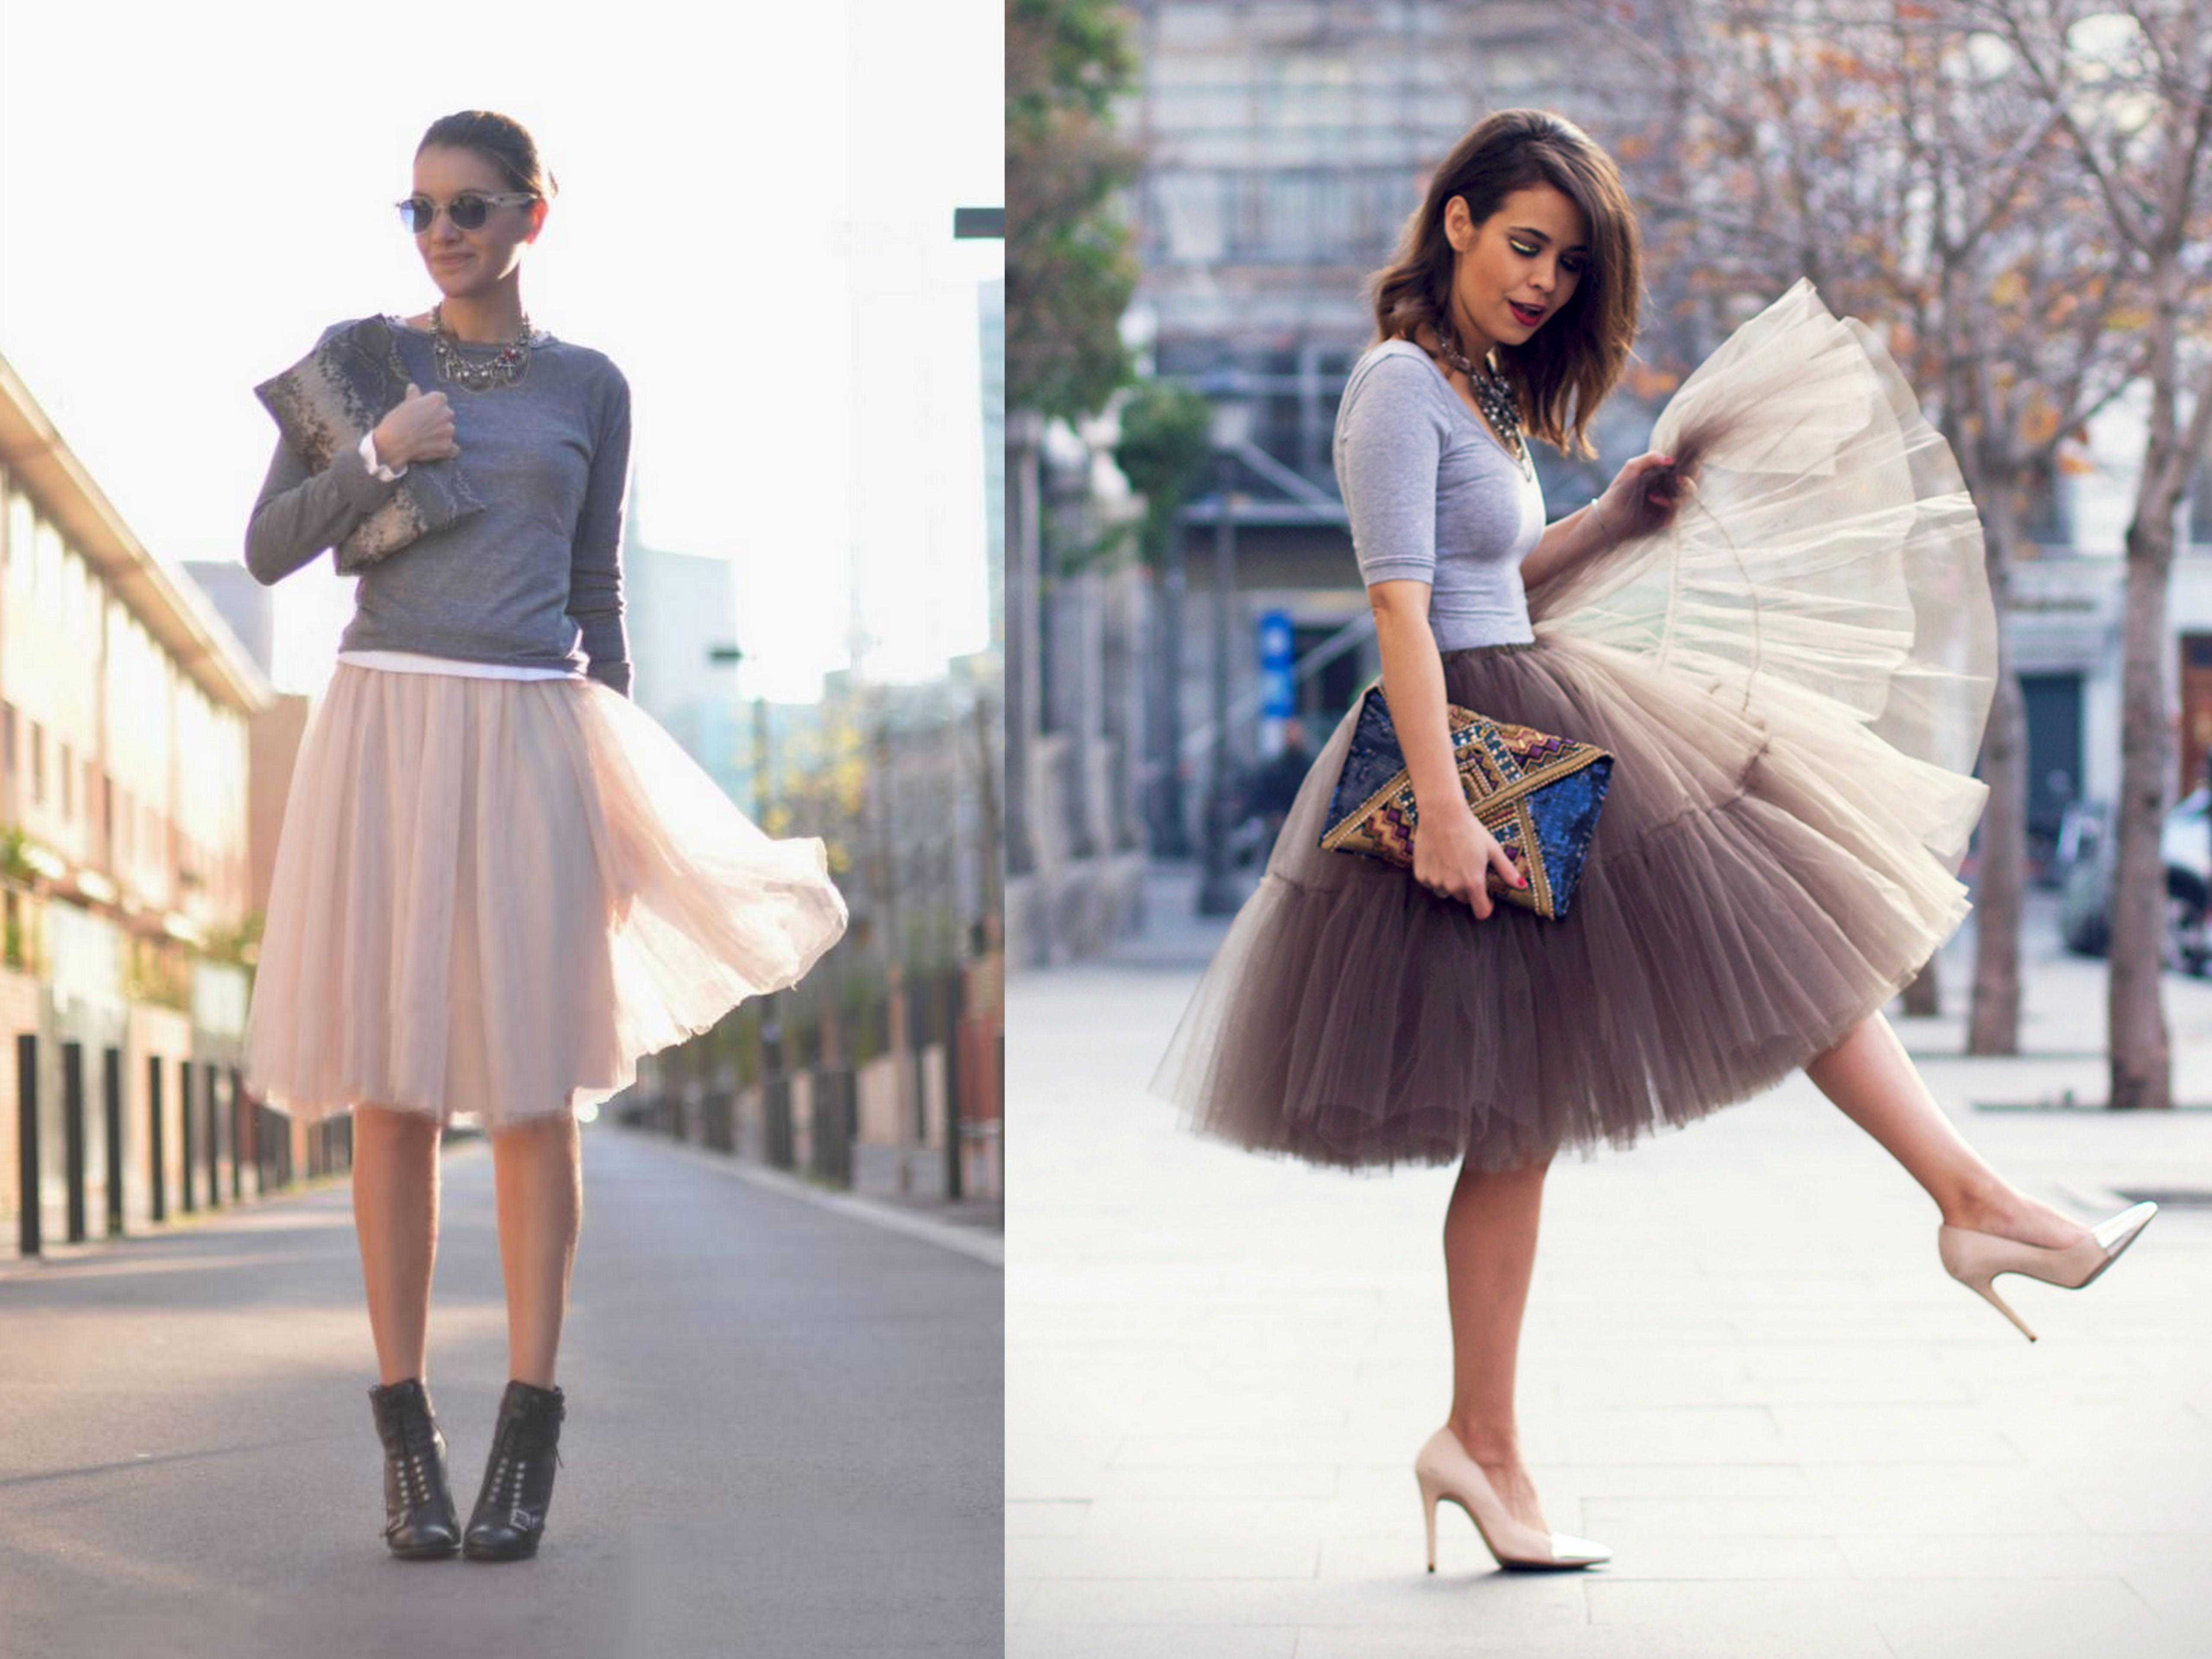 de7f2448f1bb2 Conviértete en una princesa con las faldas de tul - Mucha más Moda ...